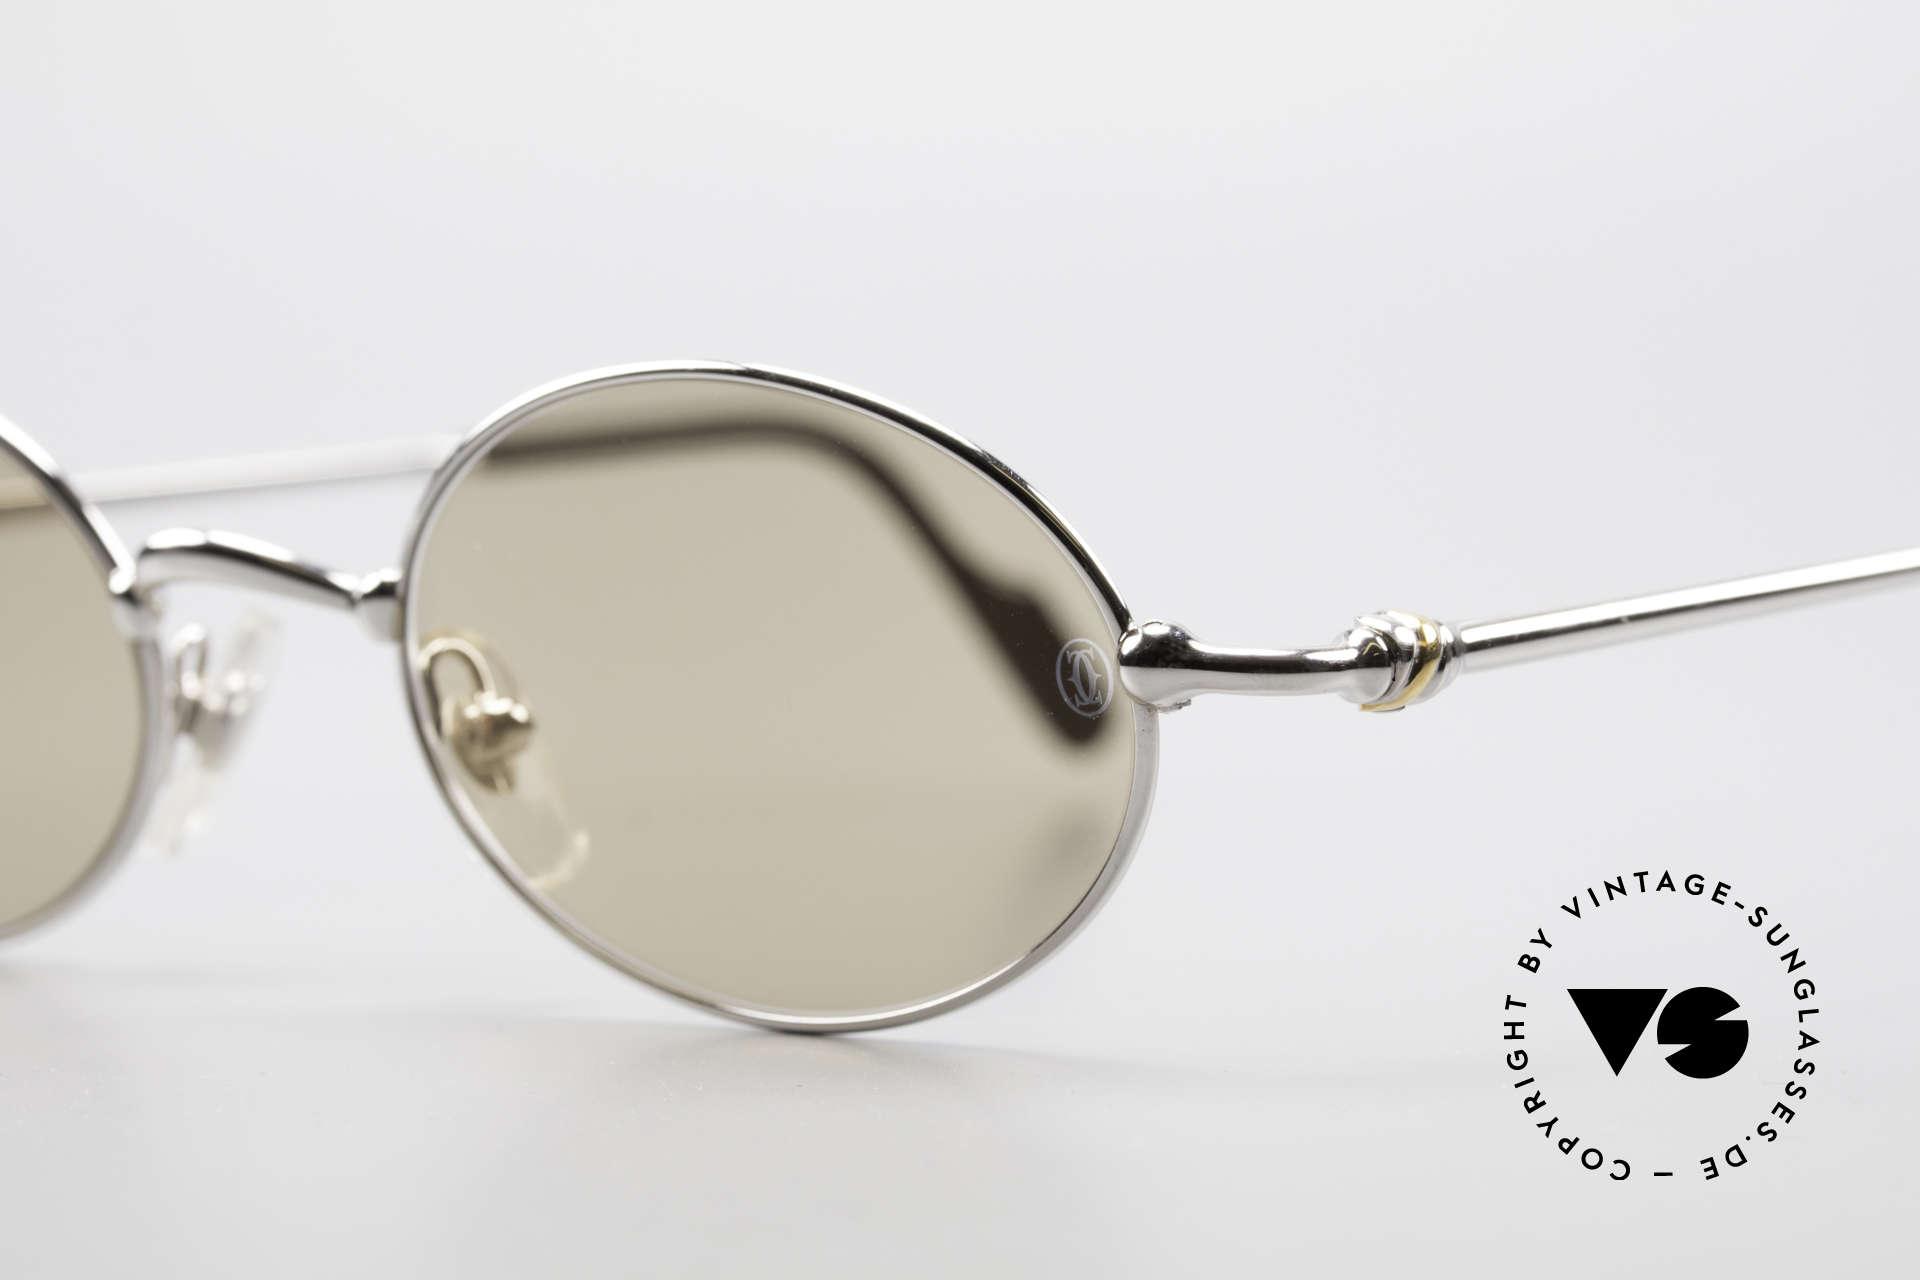 Cartier Filao Oval Platinum Sunglasses 90's, original Cartier mineral lenses (with CARTIER logo), Made for Men and Women